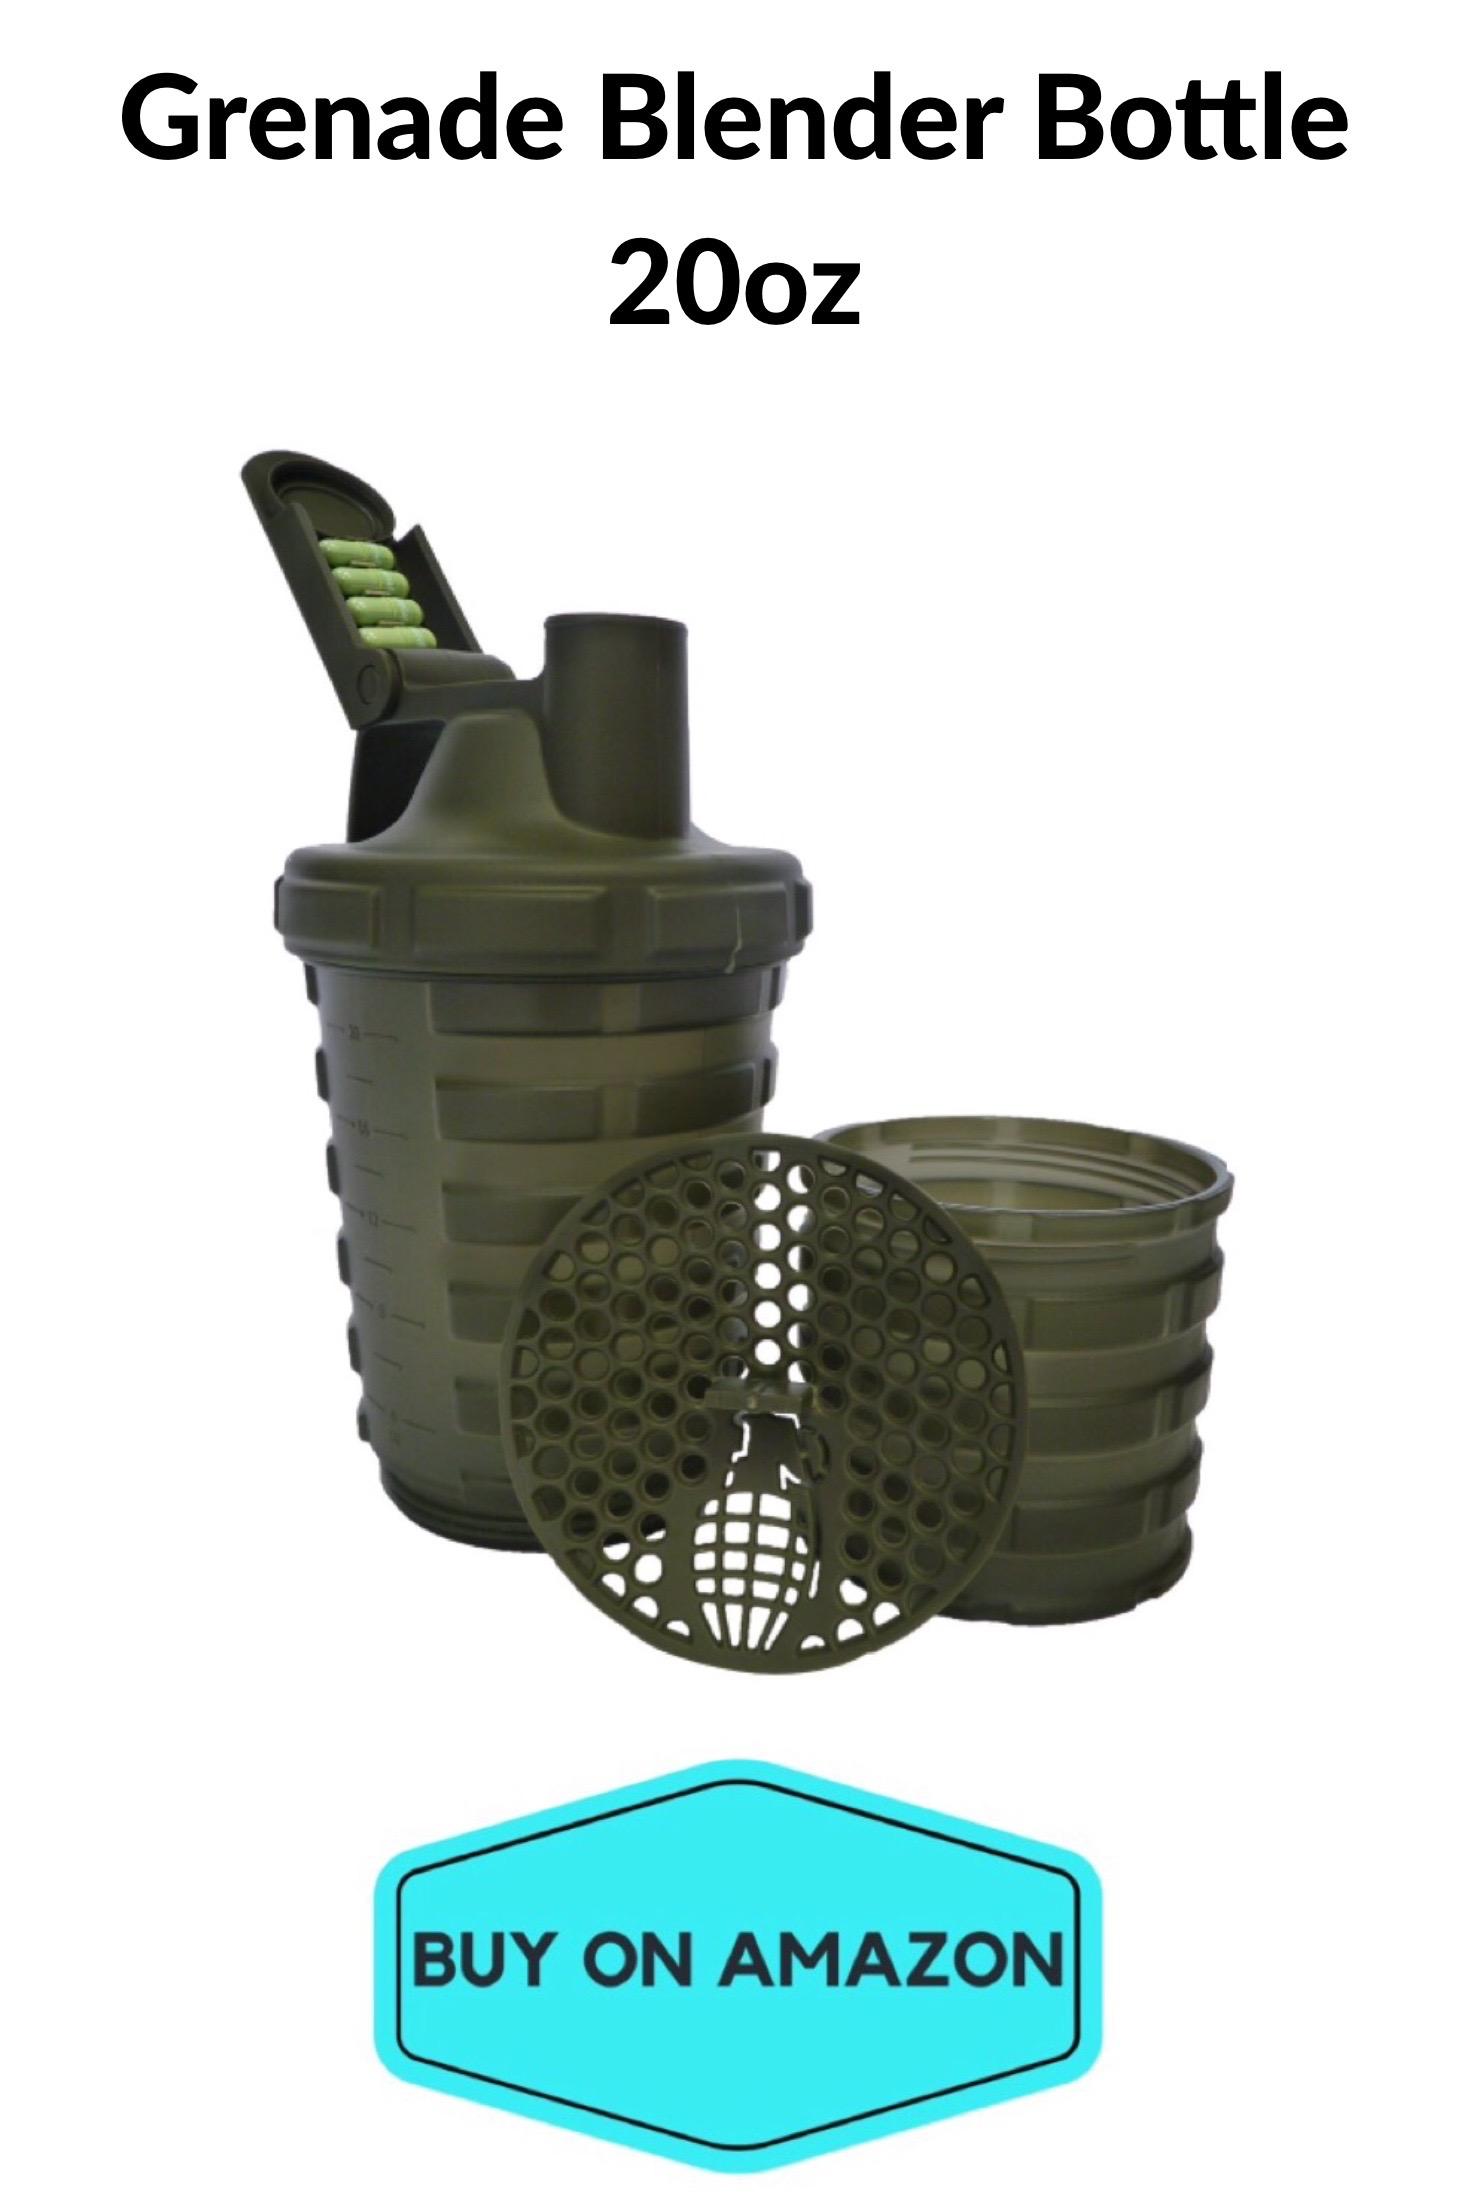 Grenade Blender Bottle